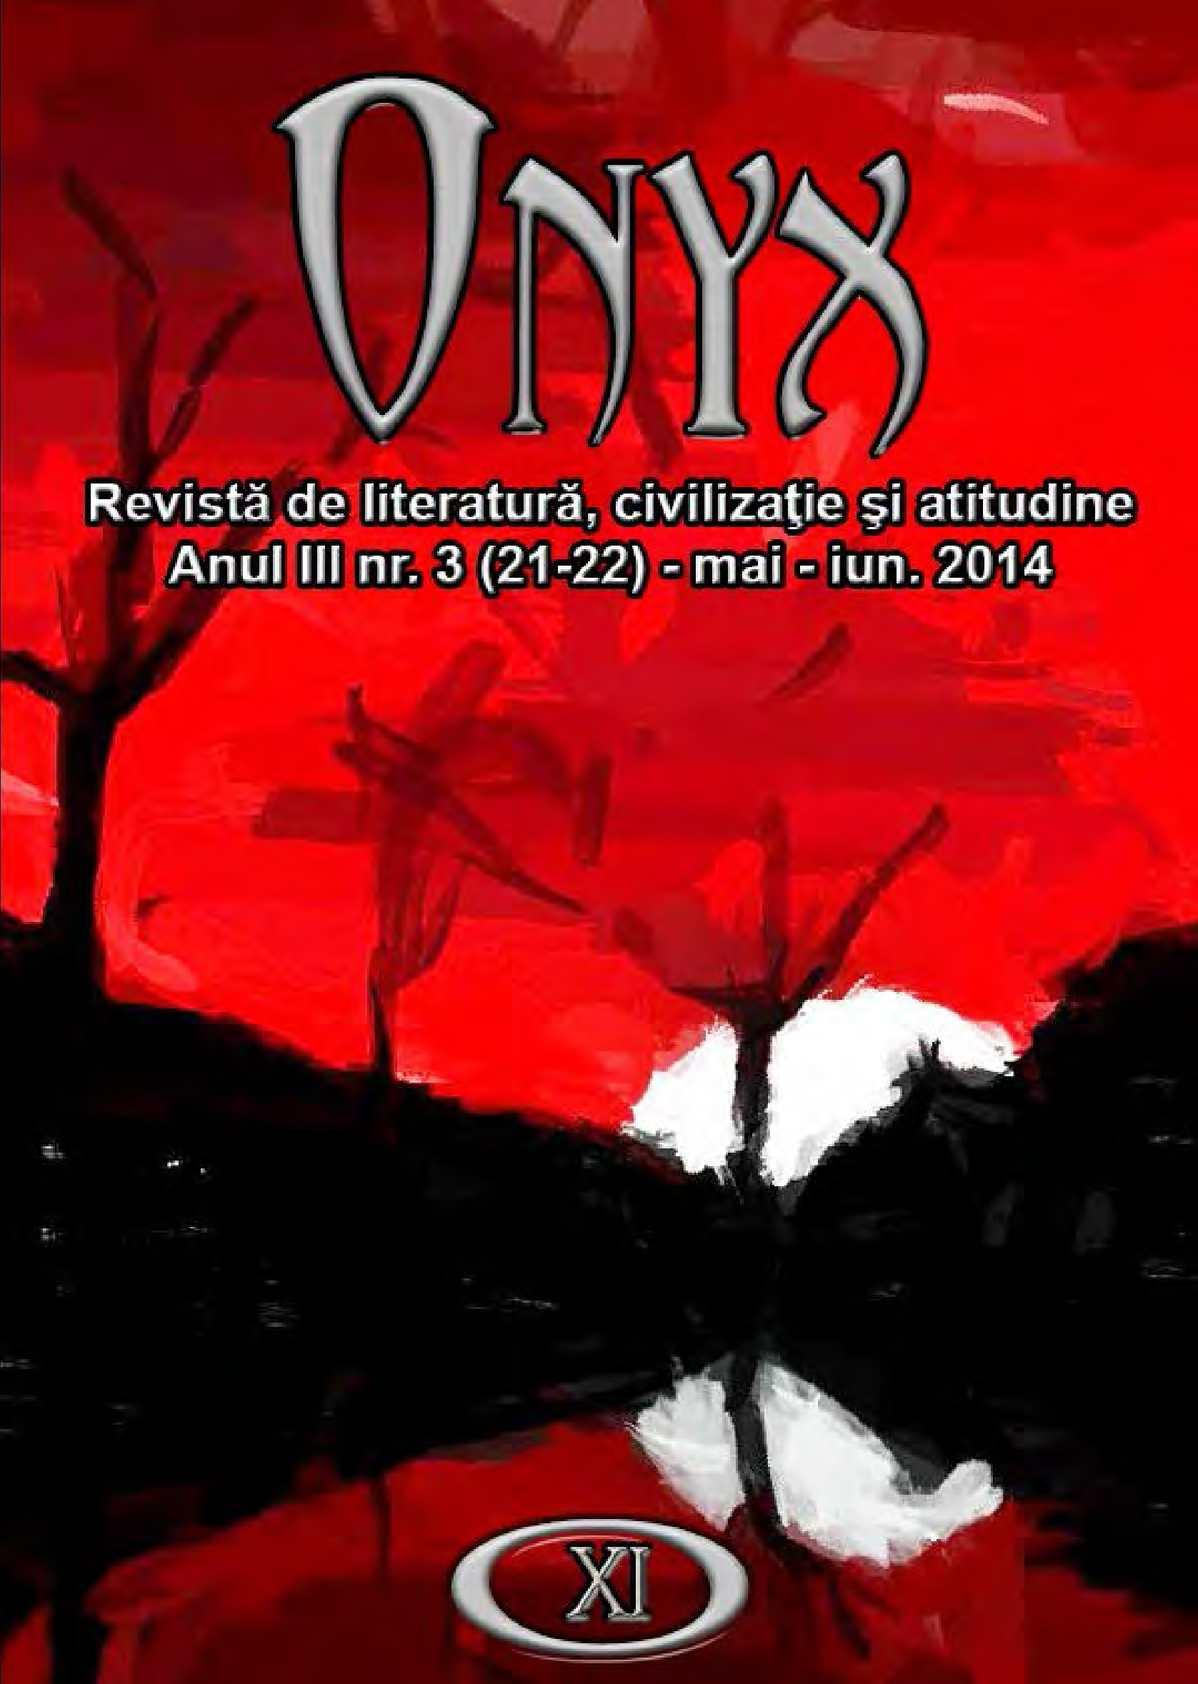 Communication interculturelle et littérature n°6